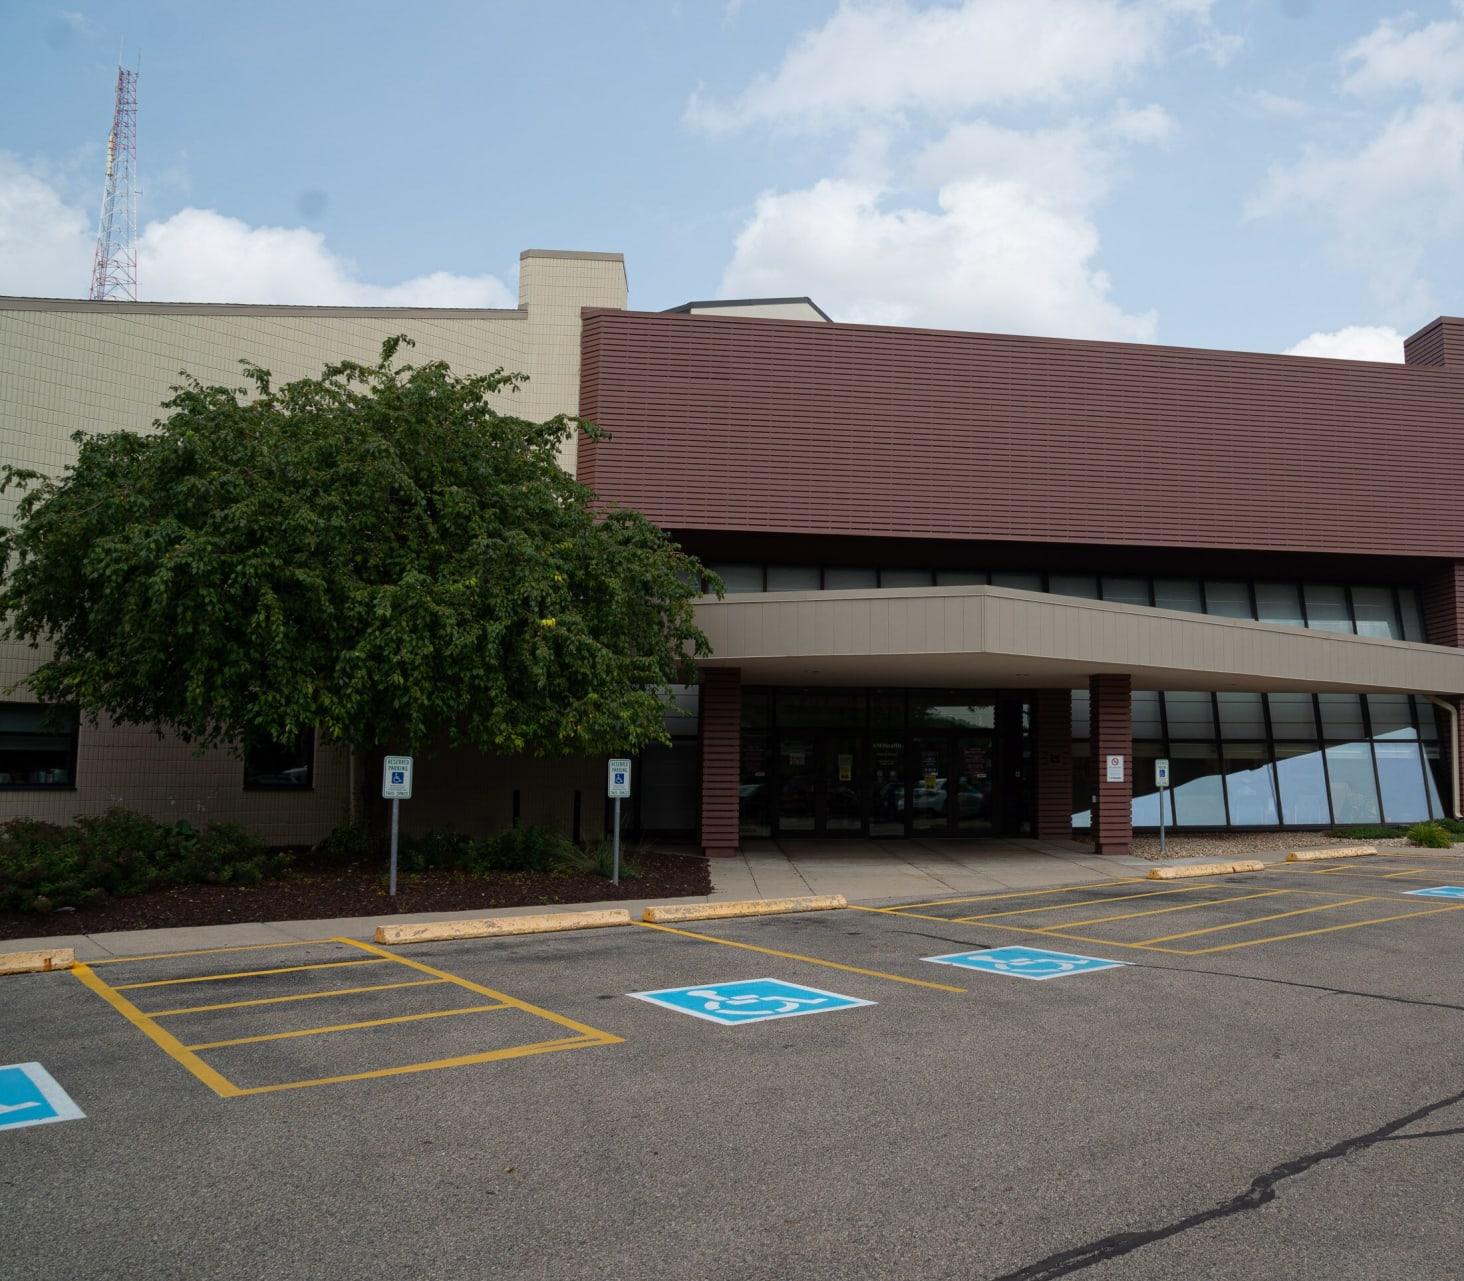 UW Health Odana Atrium Clinic